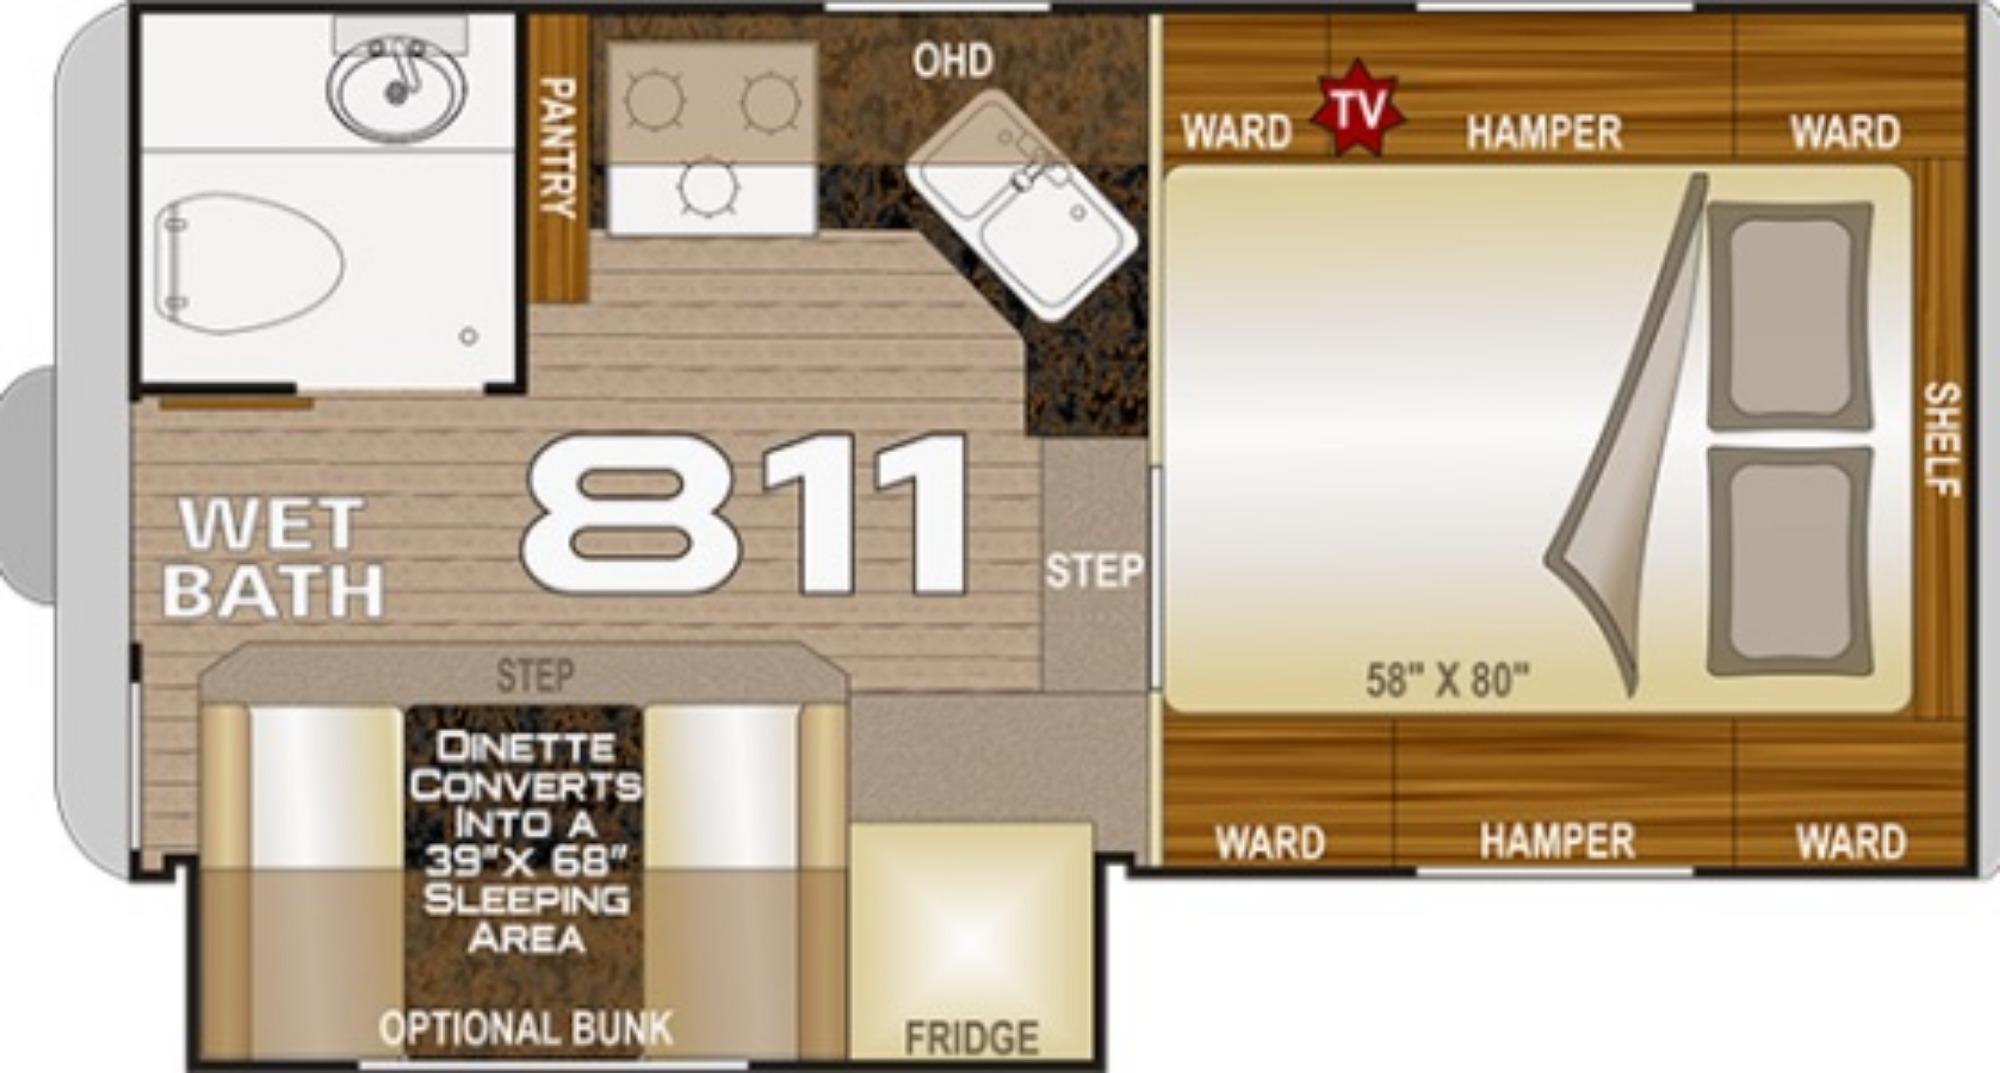 View Floor Plan for 2021 NORTHWOOD ARCTIC FOX CAMPER 811